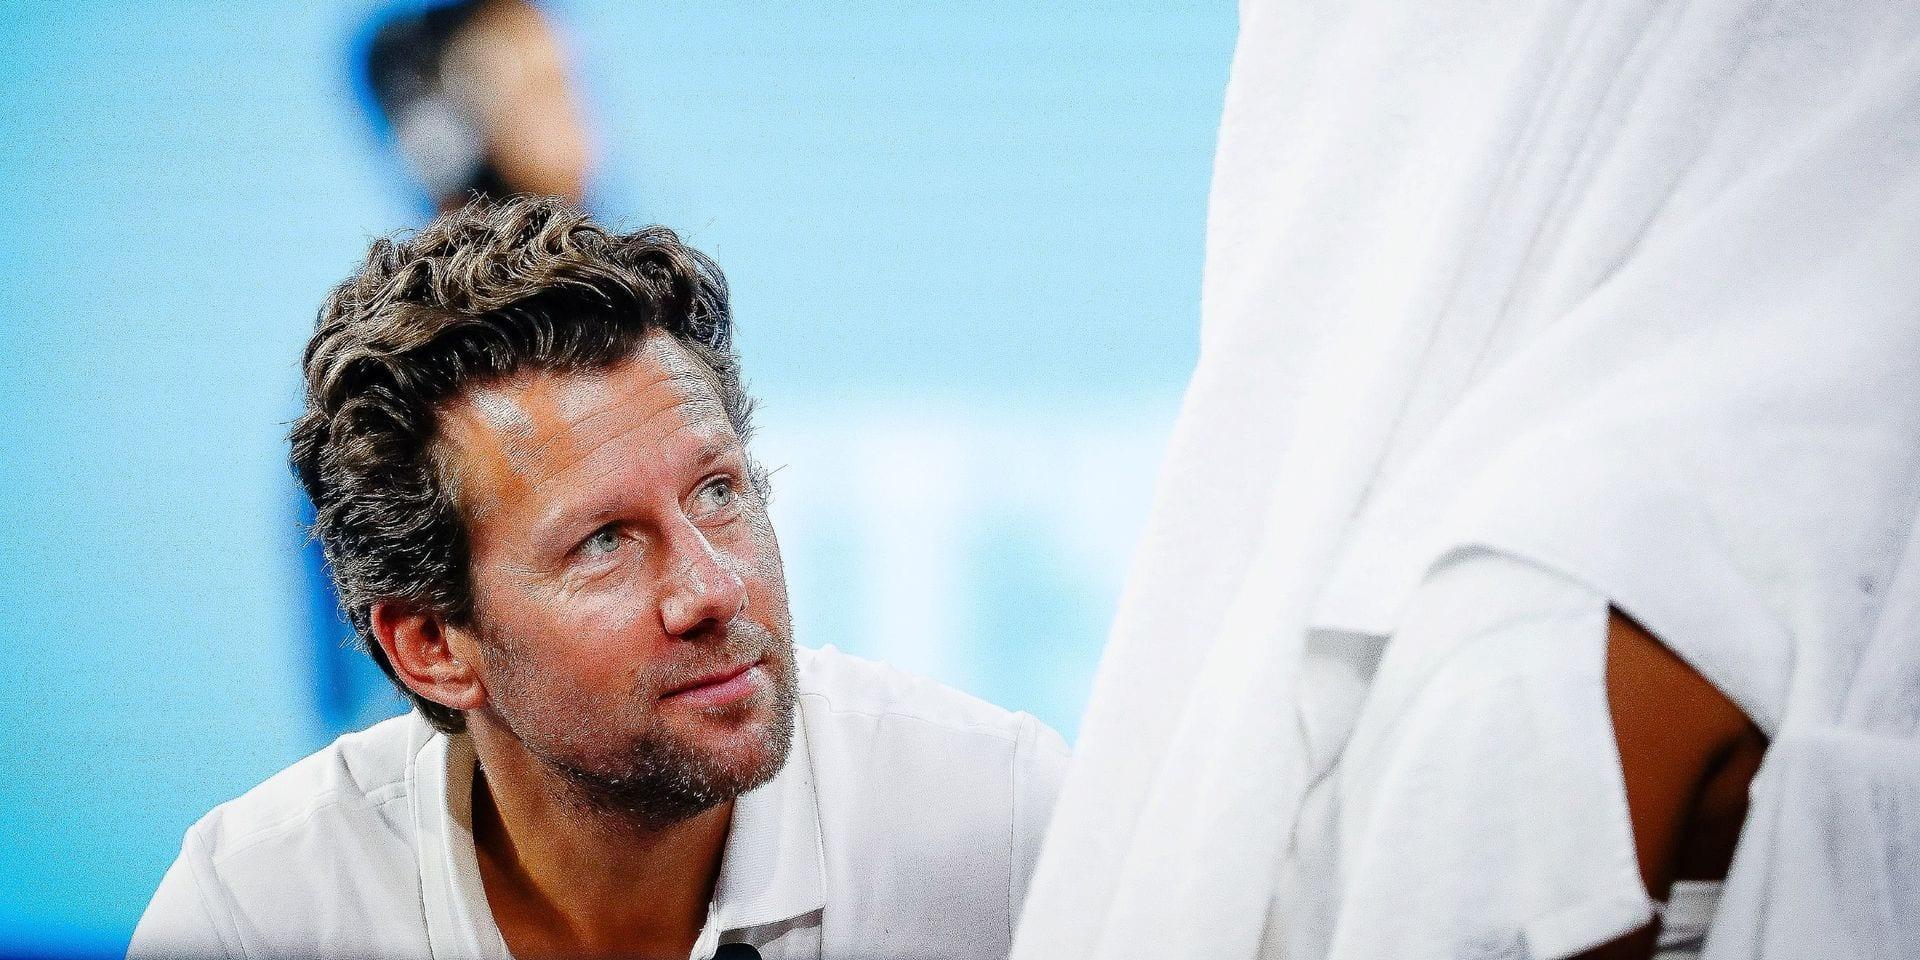 """Wim Fissette, le coach belge de Naomi Osaka rentré au pays: """"Rendre ce temps utile"""""""